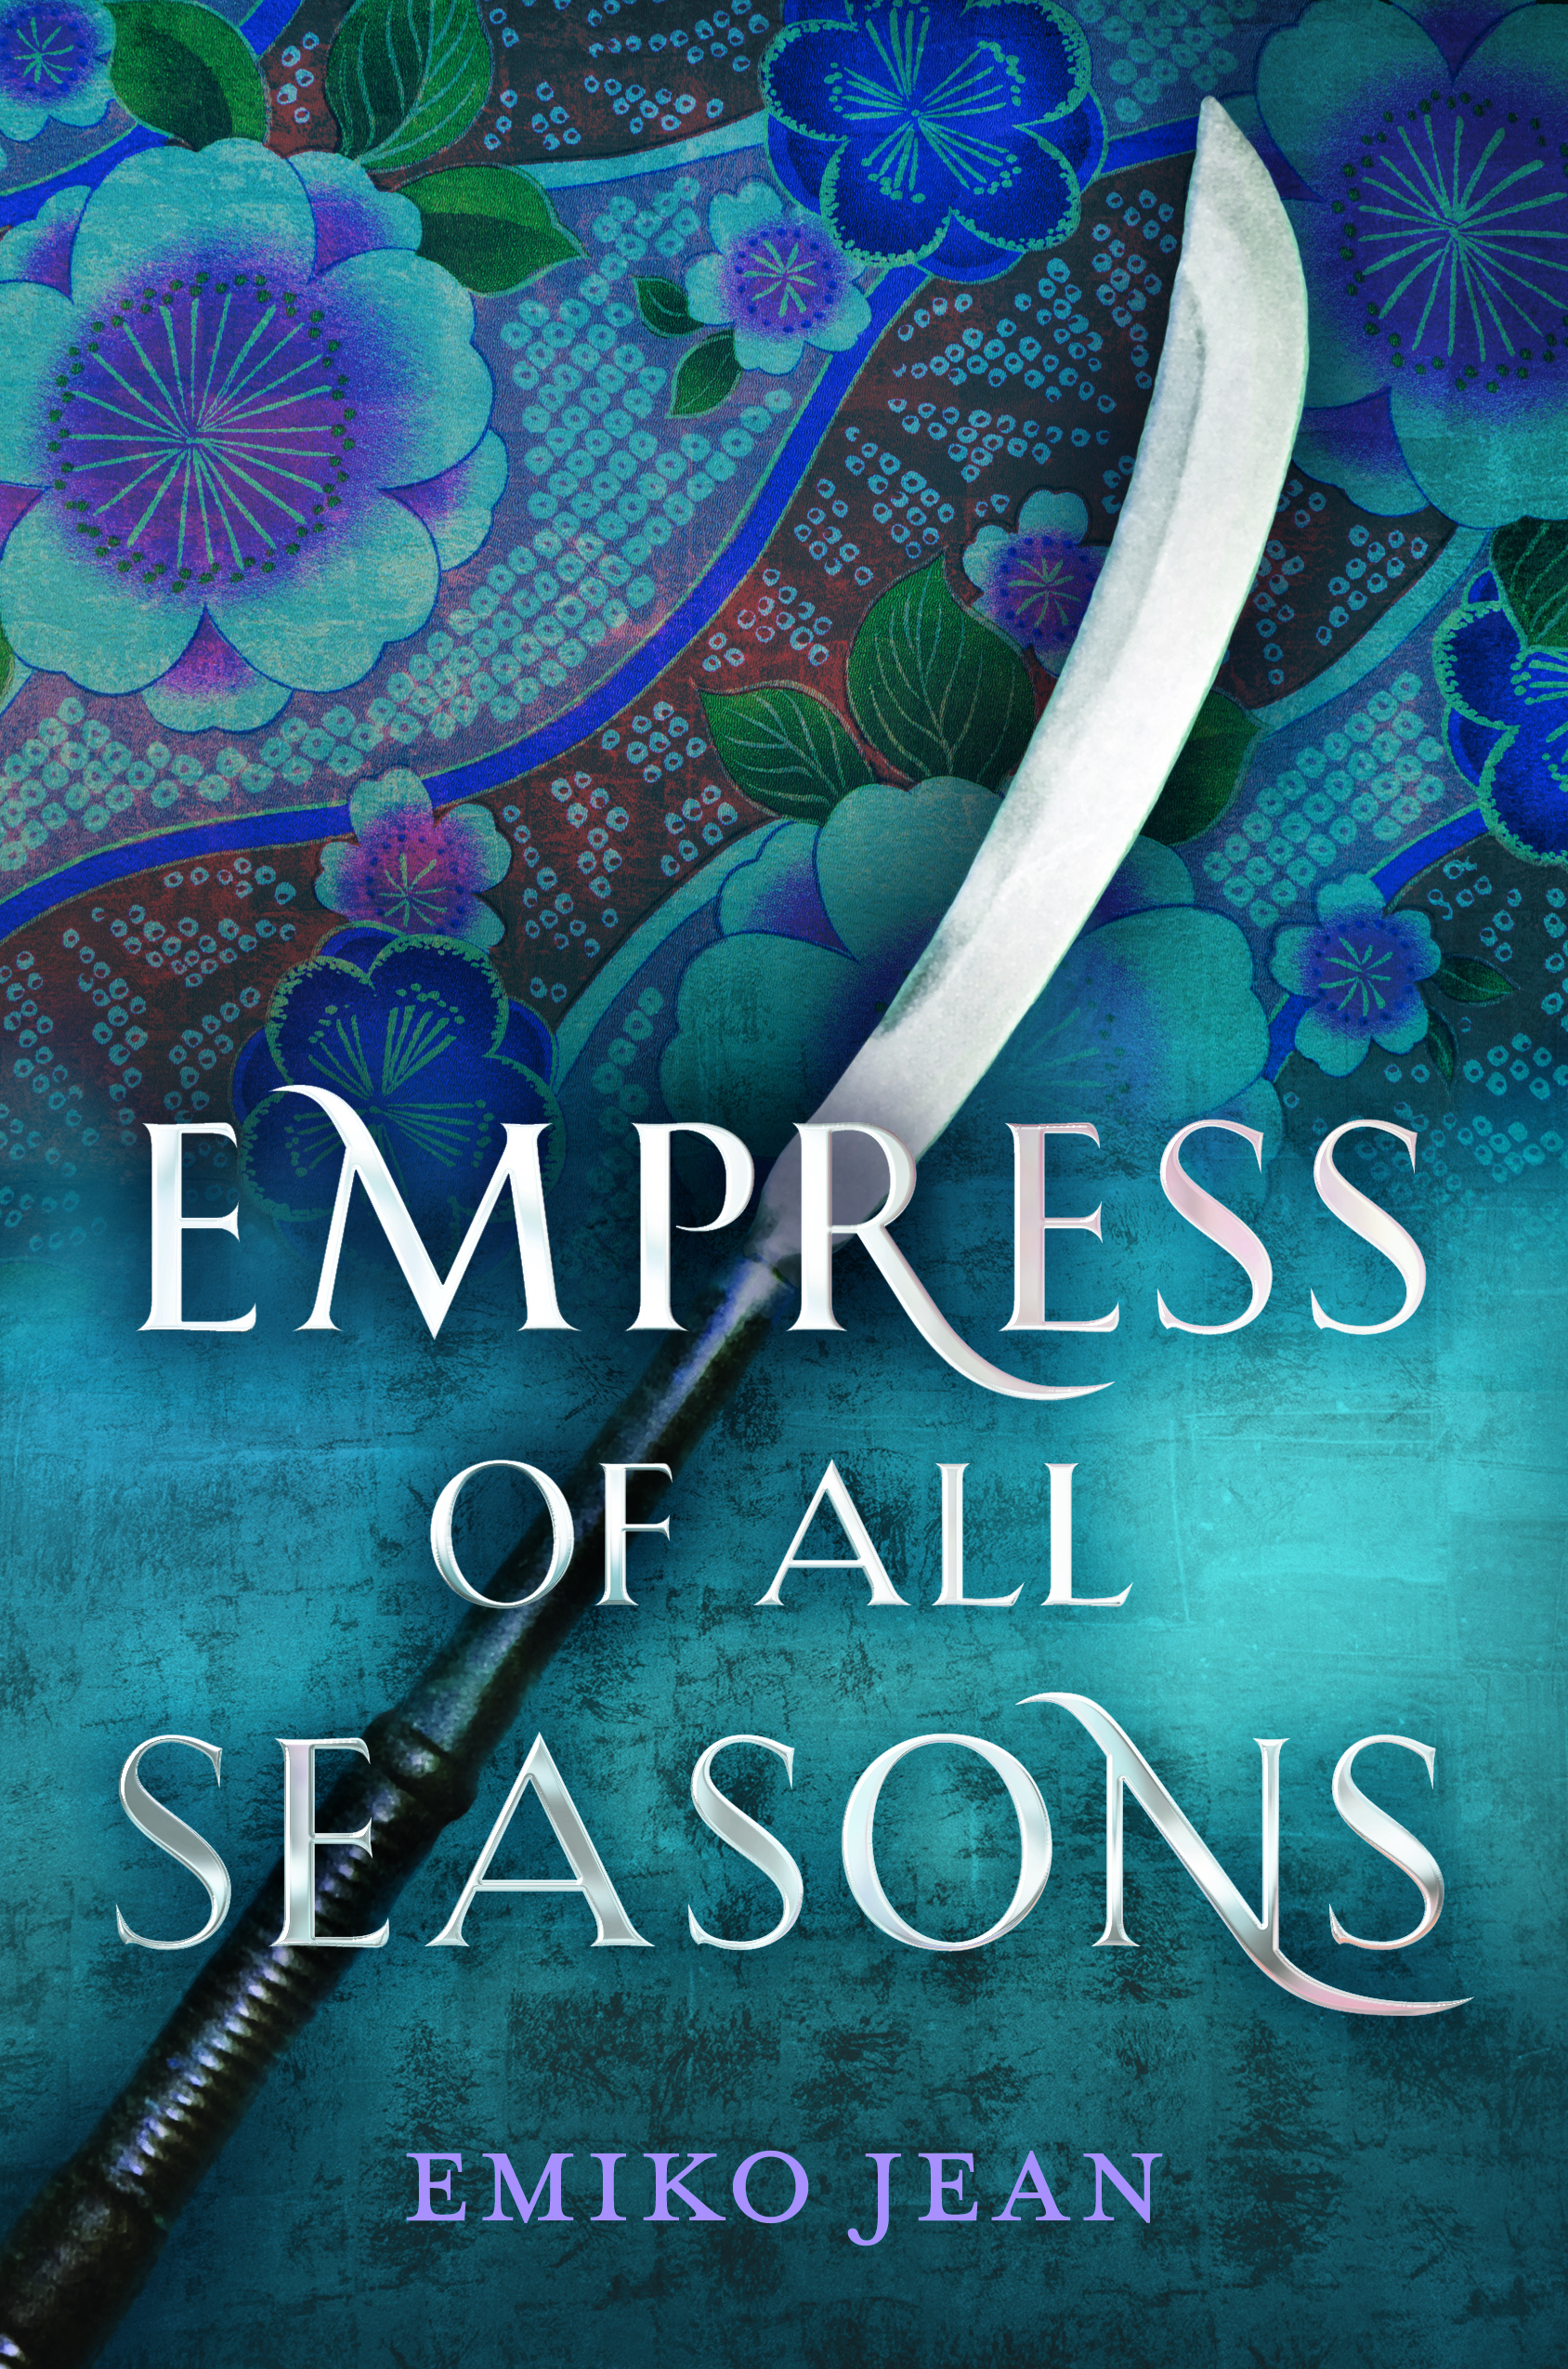 EmpressAllSeasons final_5.13.jpg